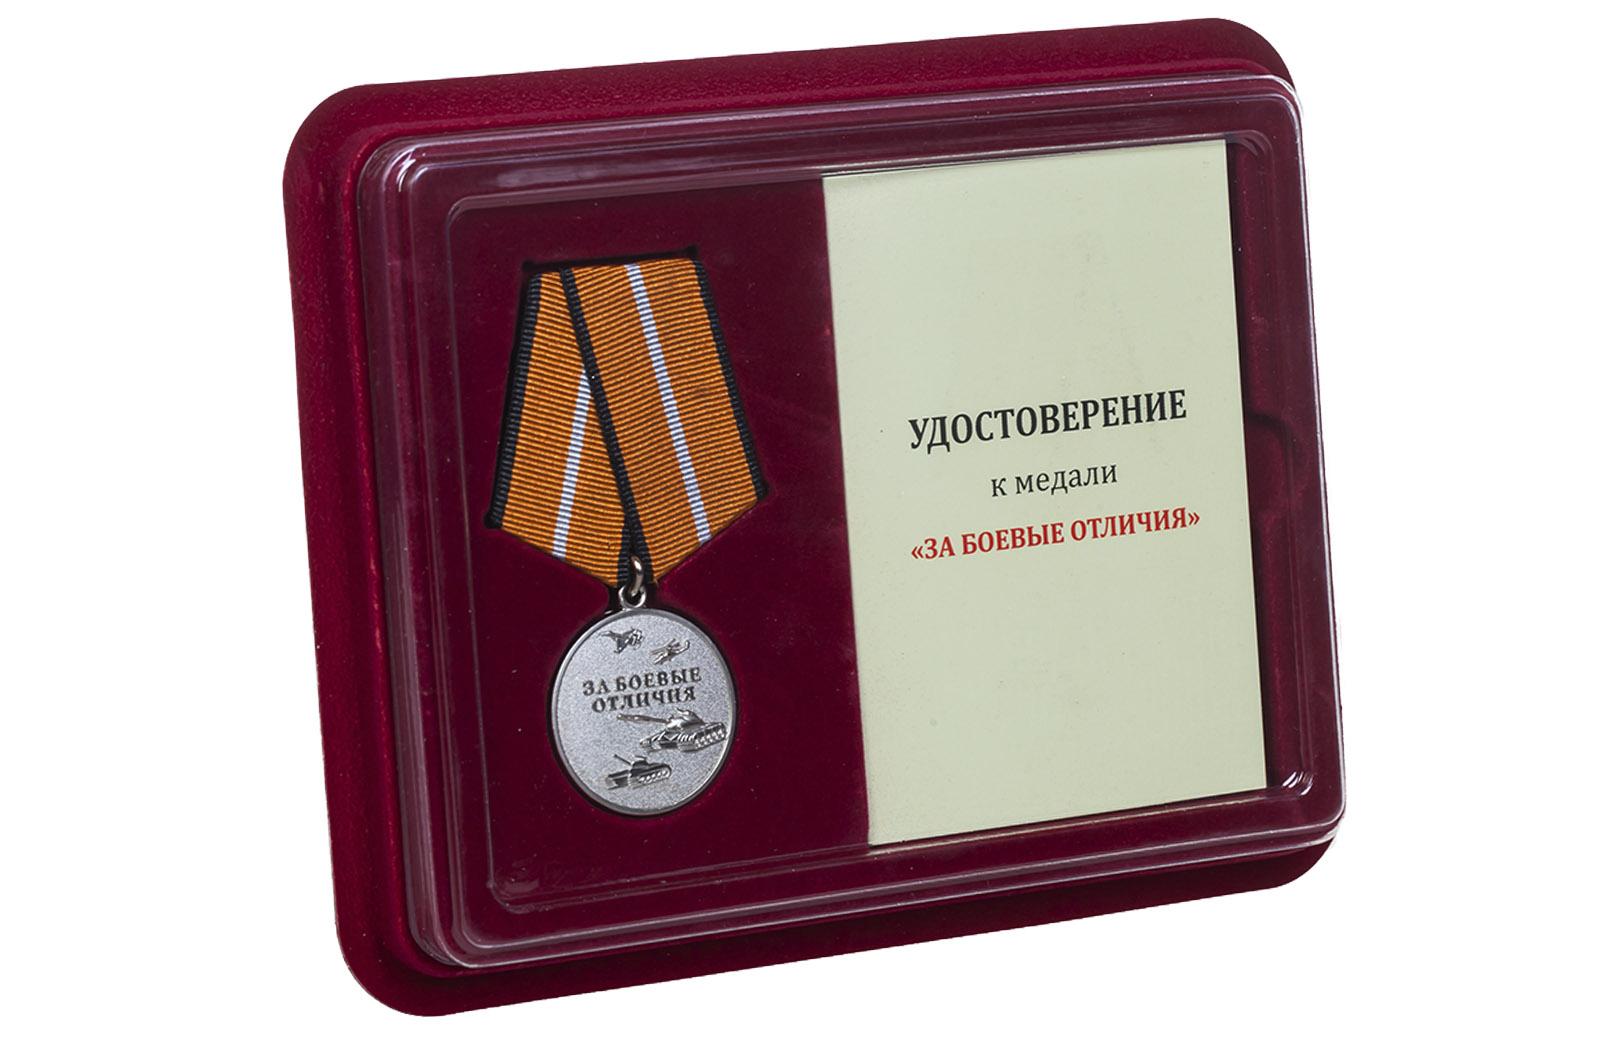 Купить медаль МО России За боевые отличия оптом или в розницу